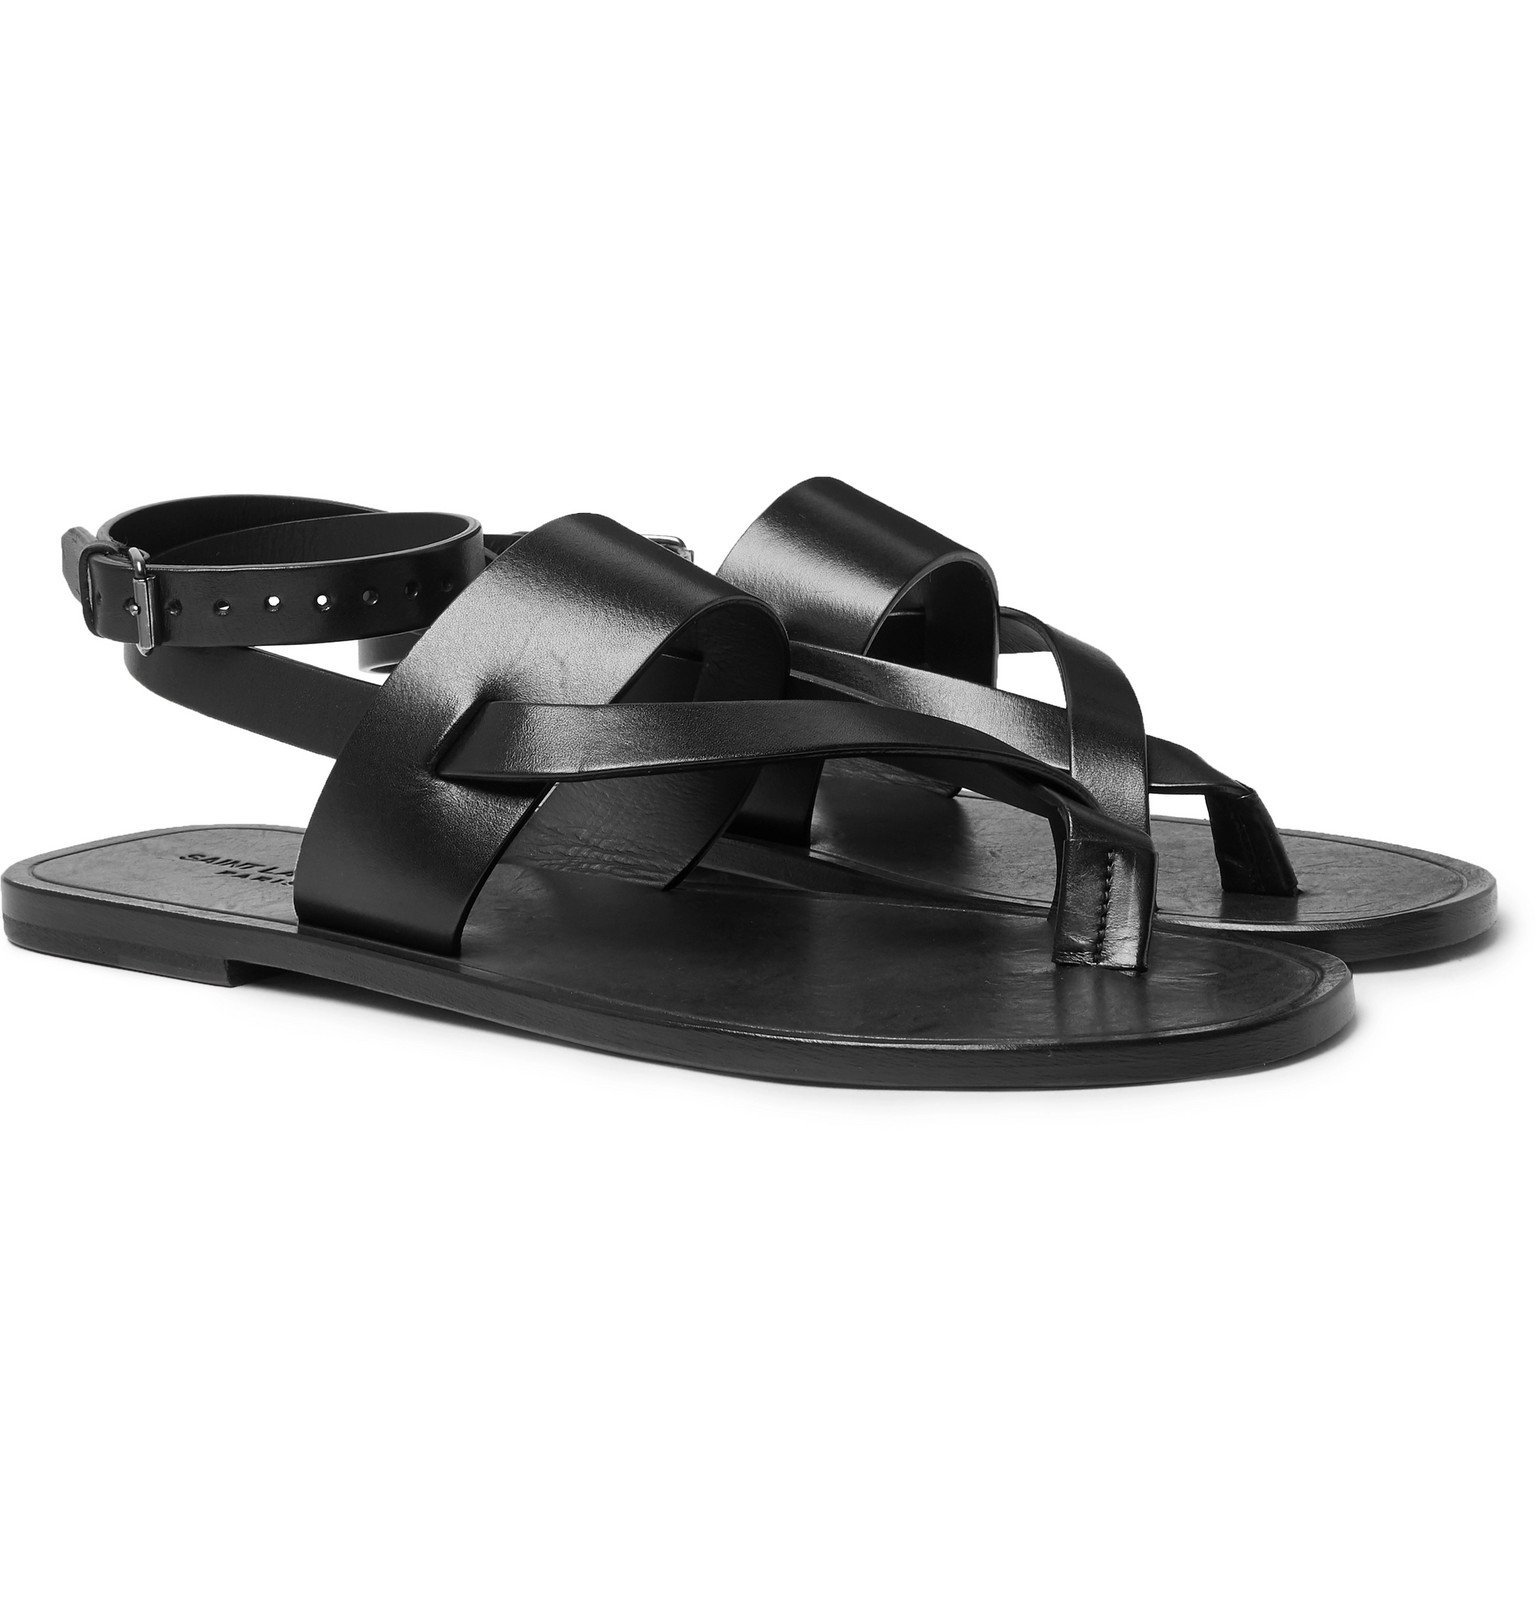 Photo: SAINT LAURENT - Culver Leather Sandals - Black